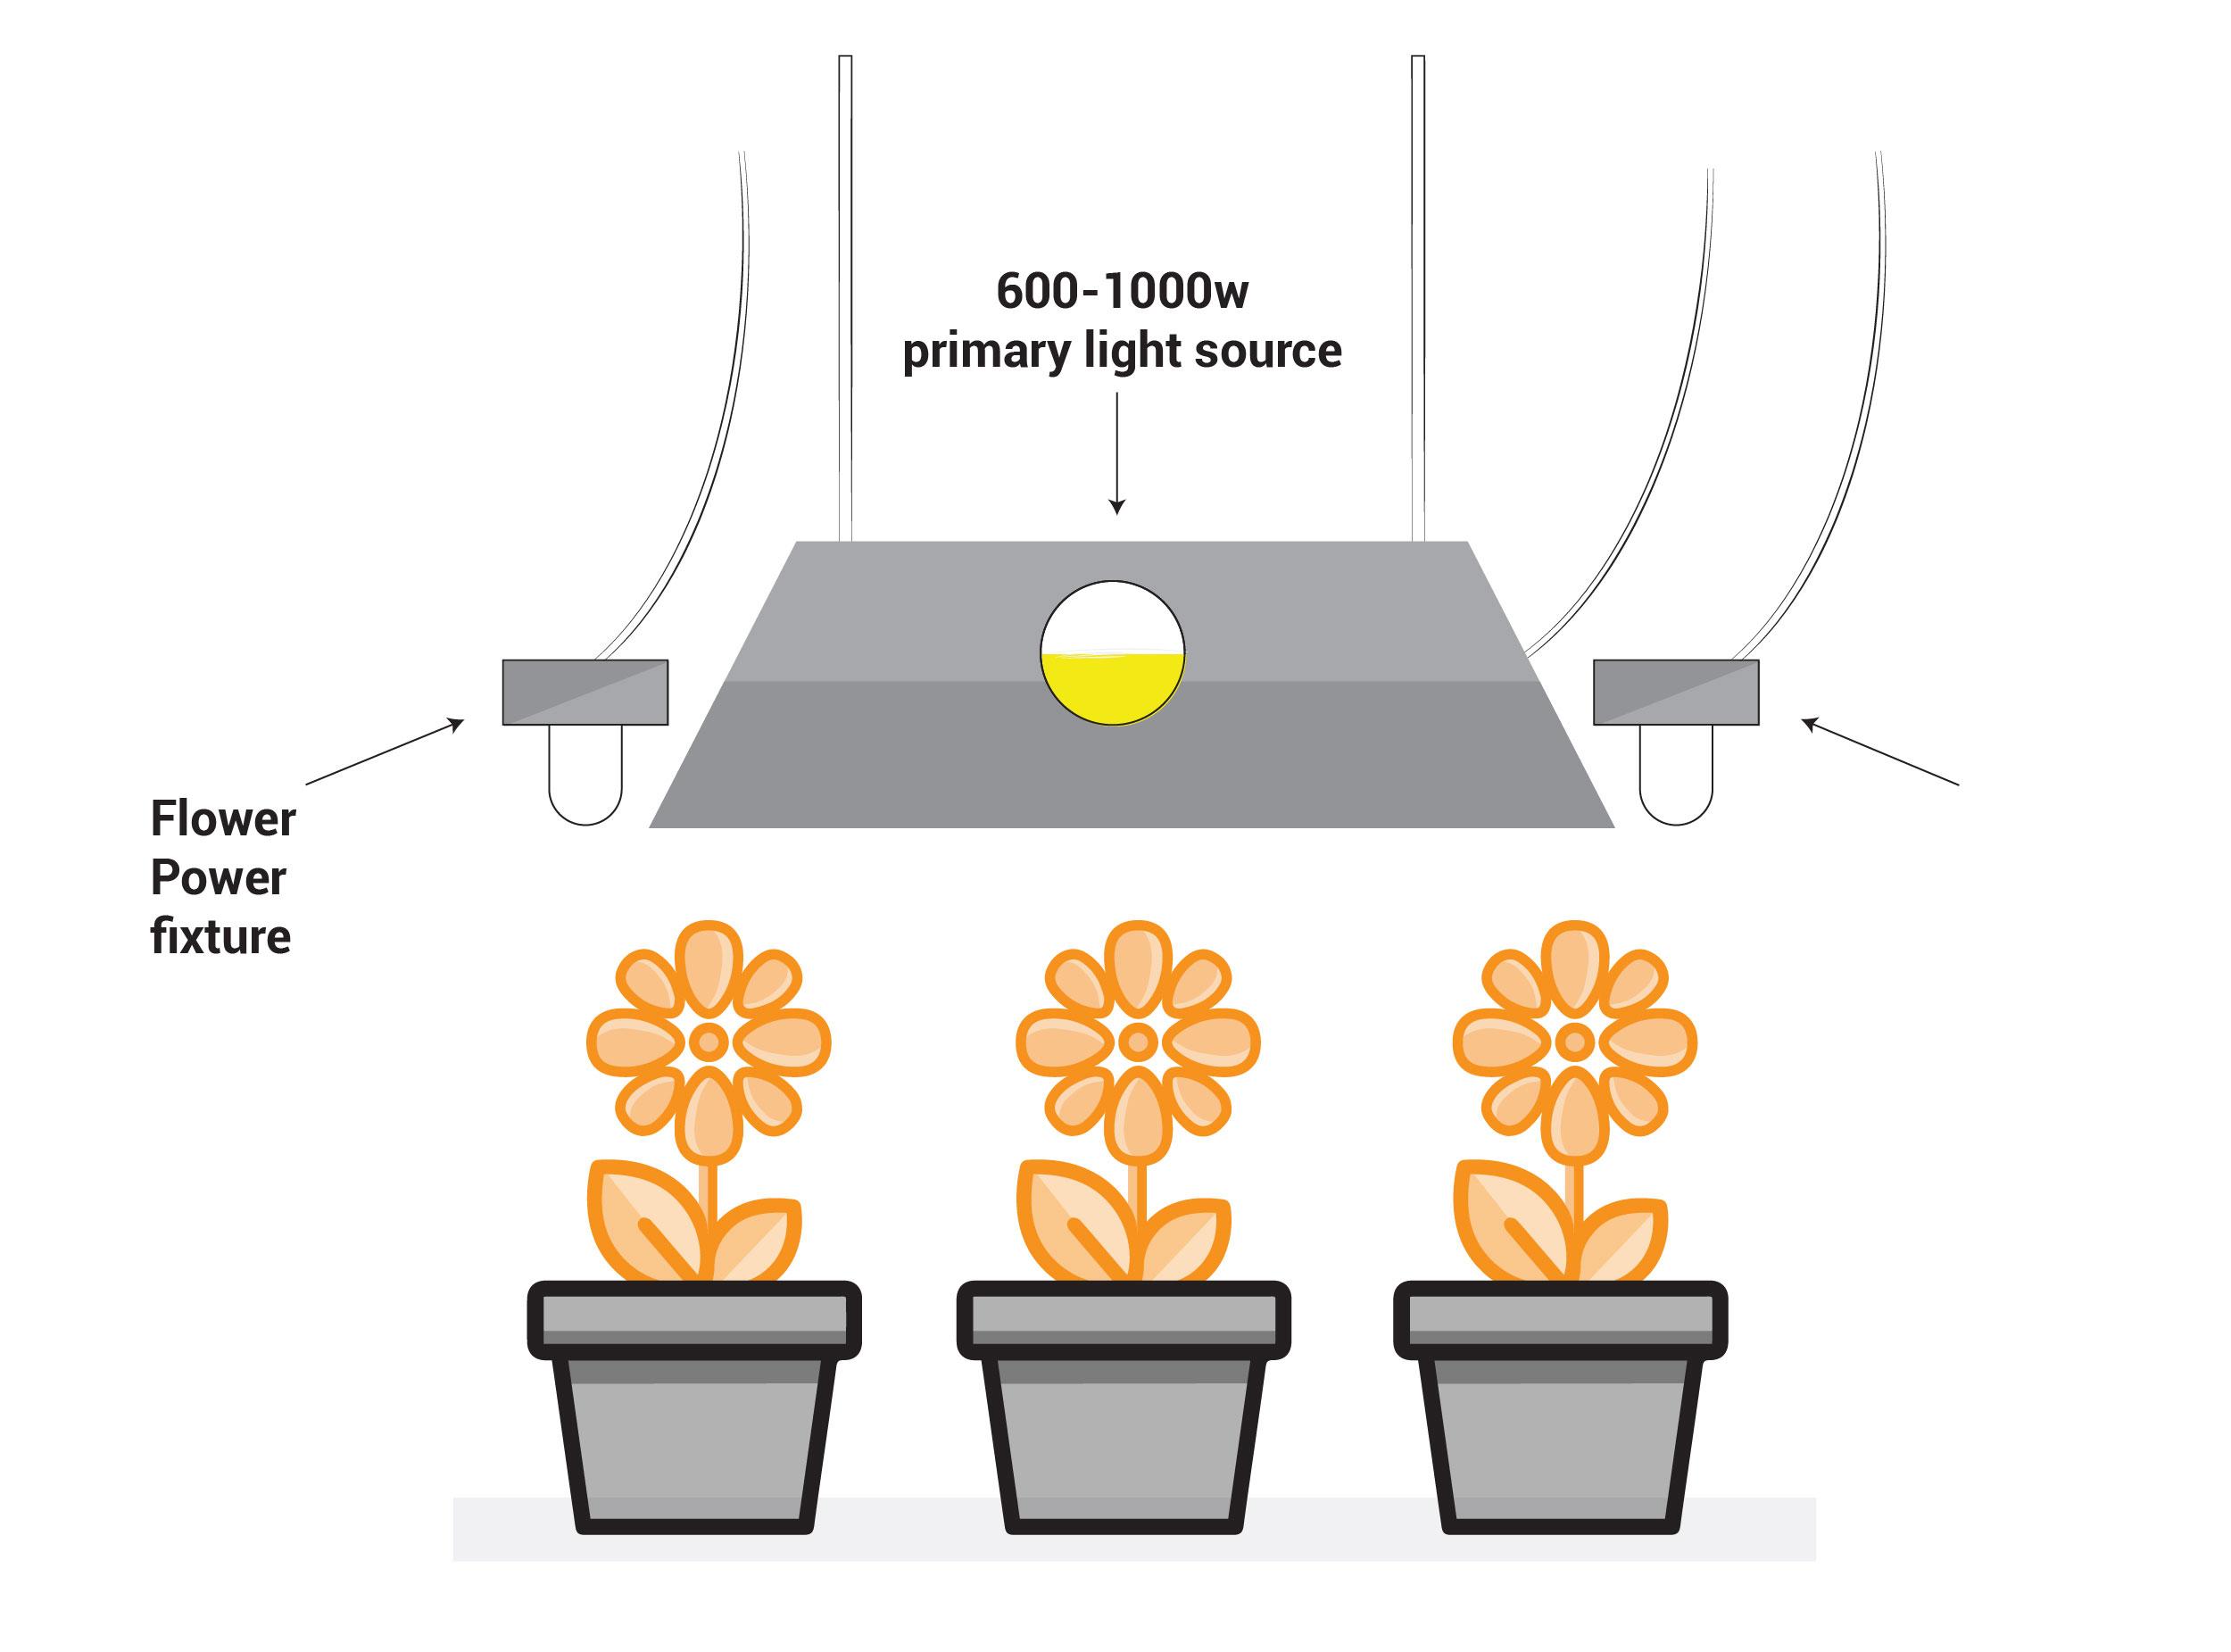 Flower Power, Solacure, Ultraviolet, UV, UV lighting